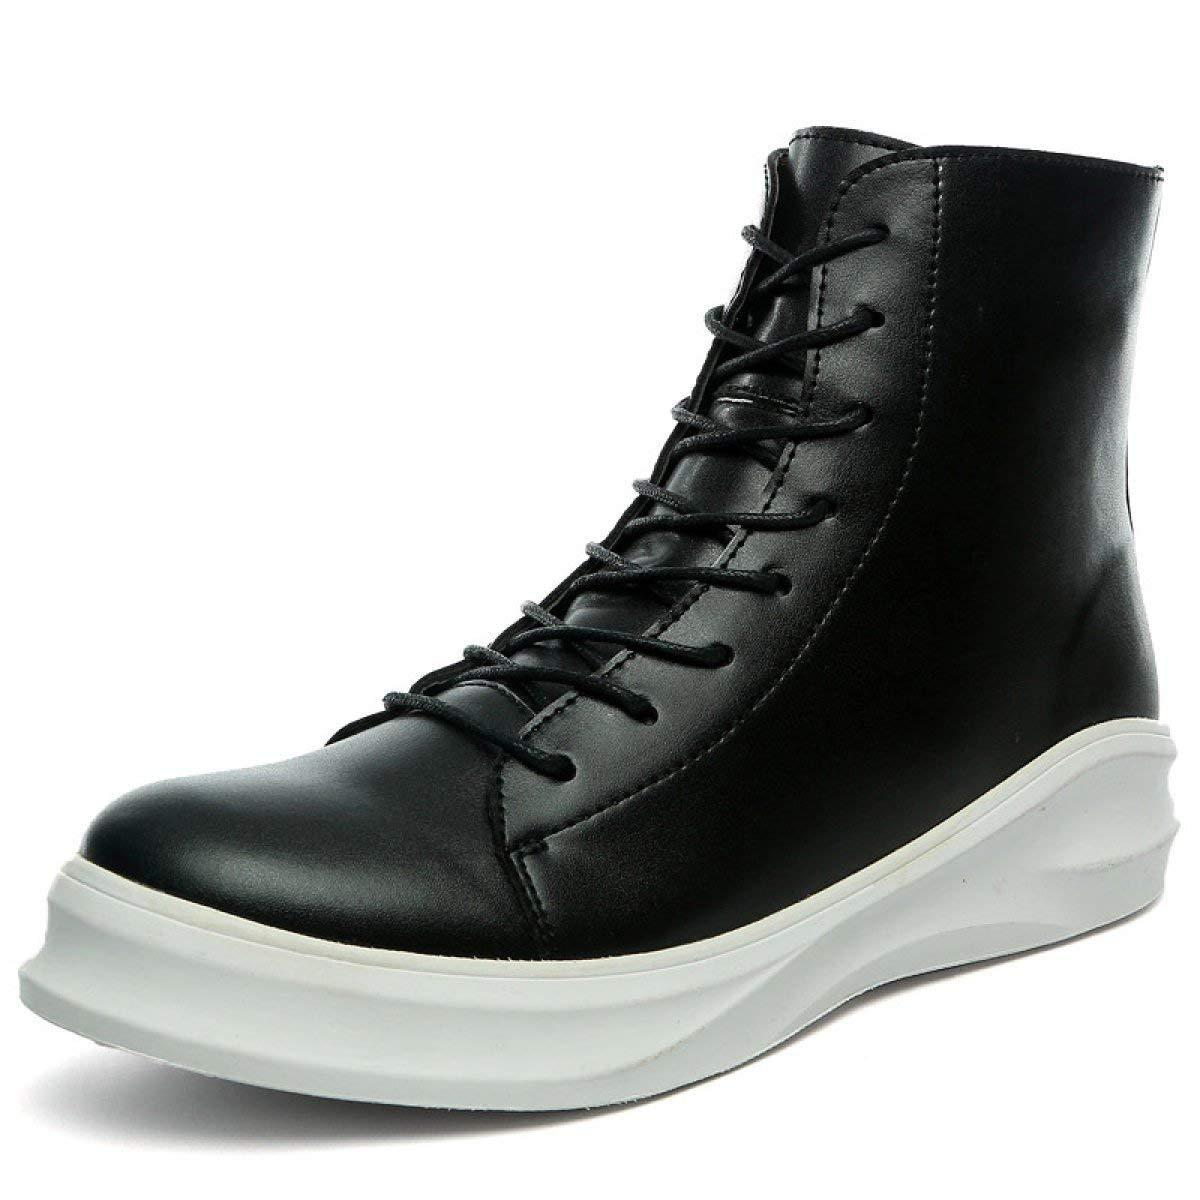 Fuxitoggo Hip-Hop Style Herren Baumwolle Stiefel Plus Samt Dicke Warme Baumwolle Schuhe (Farbe   BrightLeather, Größe   EU 40)